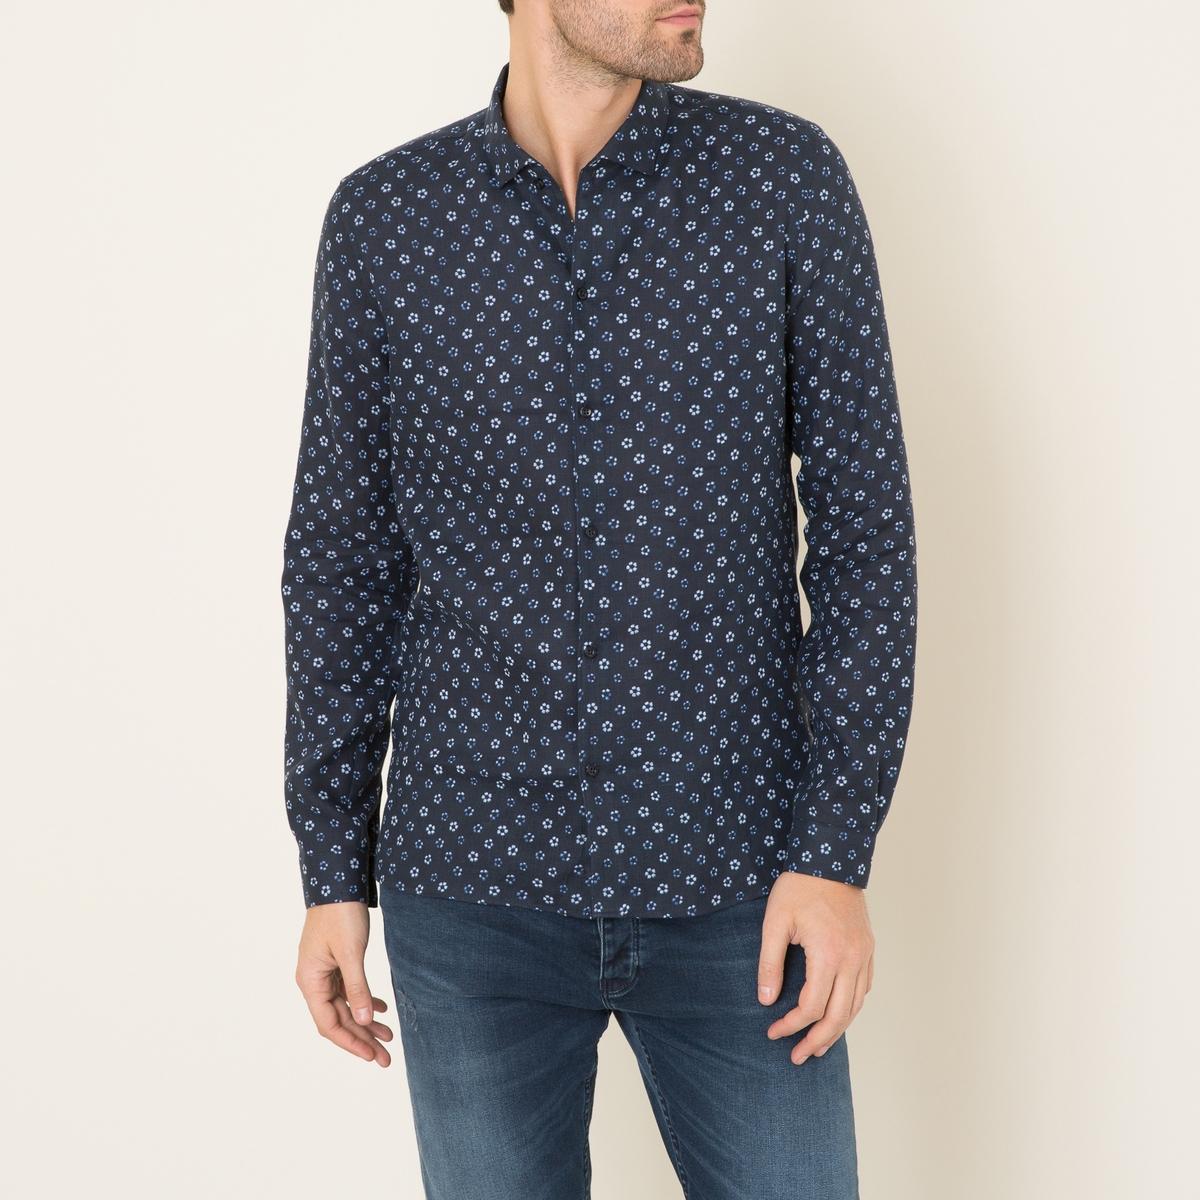 Рубашка узкая из льнаРубашка THE KOOPLES - узкий покрой со сплошным рисунком, 100% лен . Рубашечный воротник со свободными кончиками . Застежка на пуговицы. Длинные рукава, манжеты с застежкой на пуговицу. Шлицы по бокам . Состав и описание:    Материал : 100% лен   Марка : THE KOOPLES<br><br>Цвет: темно-синий